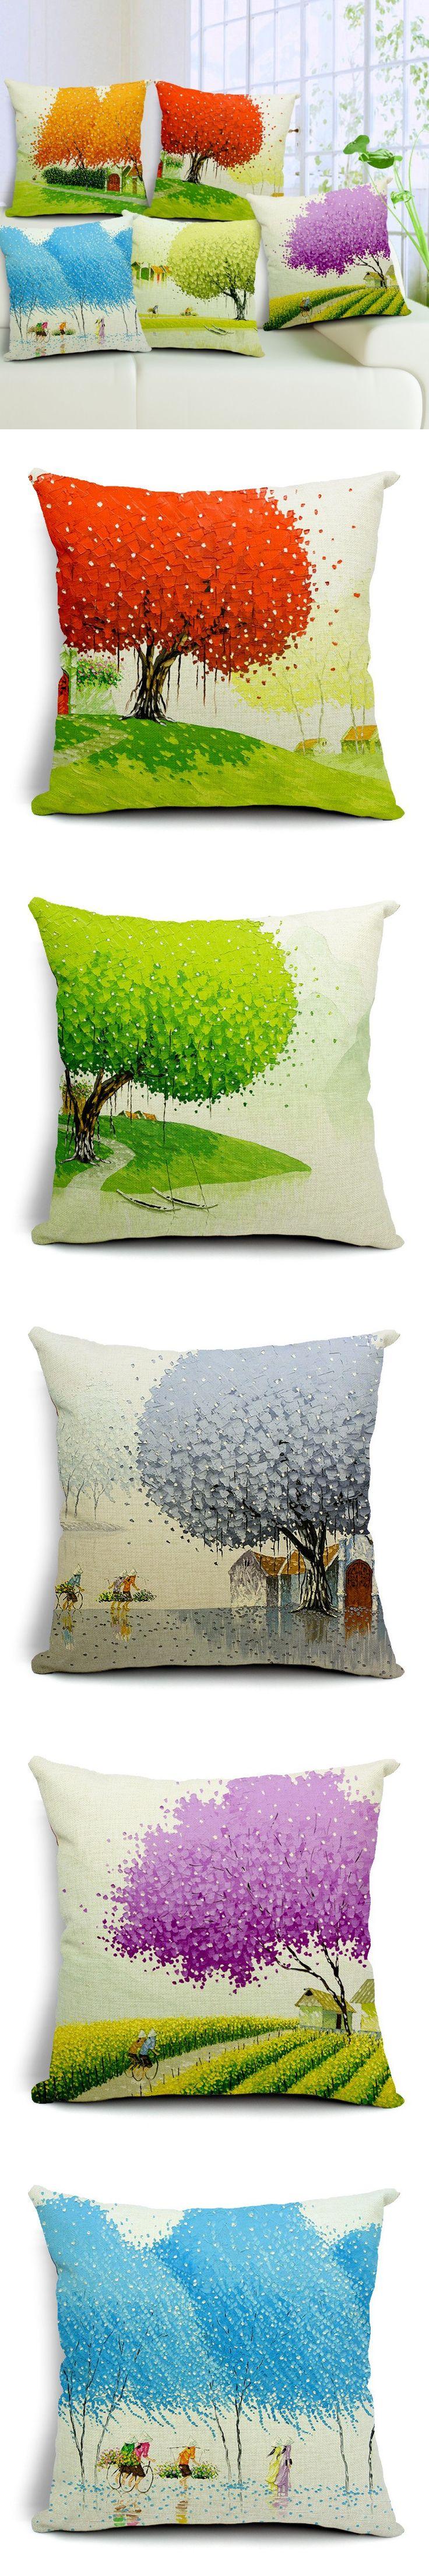 Oltre 25 fantastiche idee su cuscini per divano su for Interno per cuscini